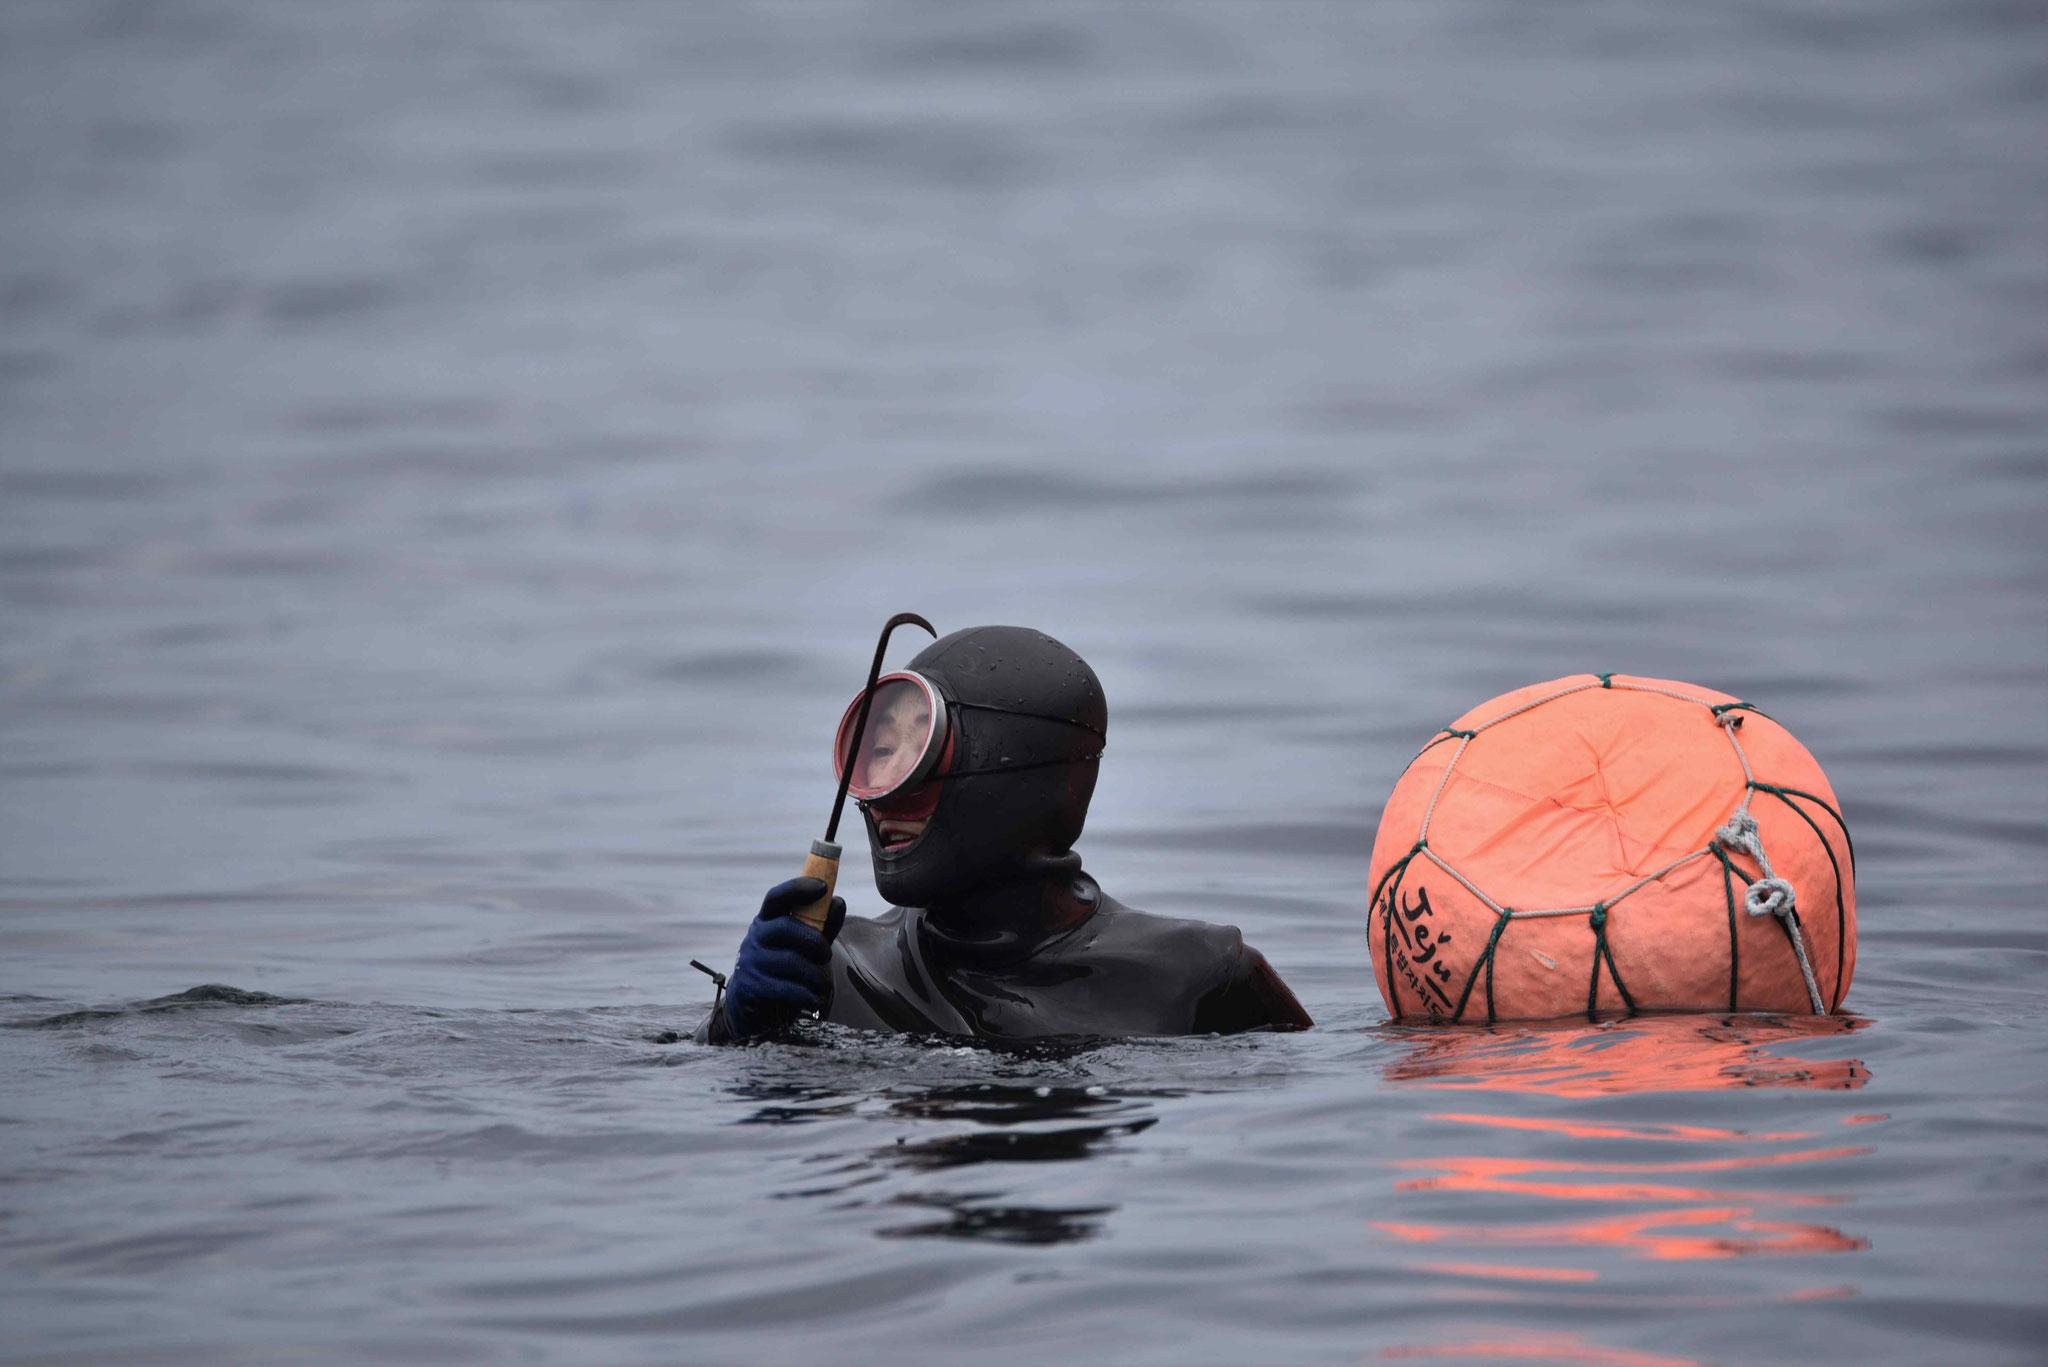 Der Haken ist scharf um Meeresfrüchte von Steinen zu entfernen